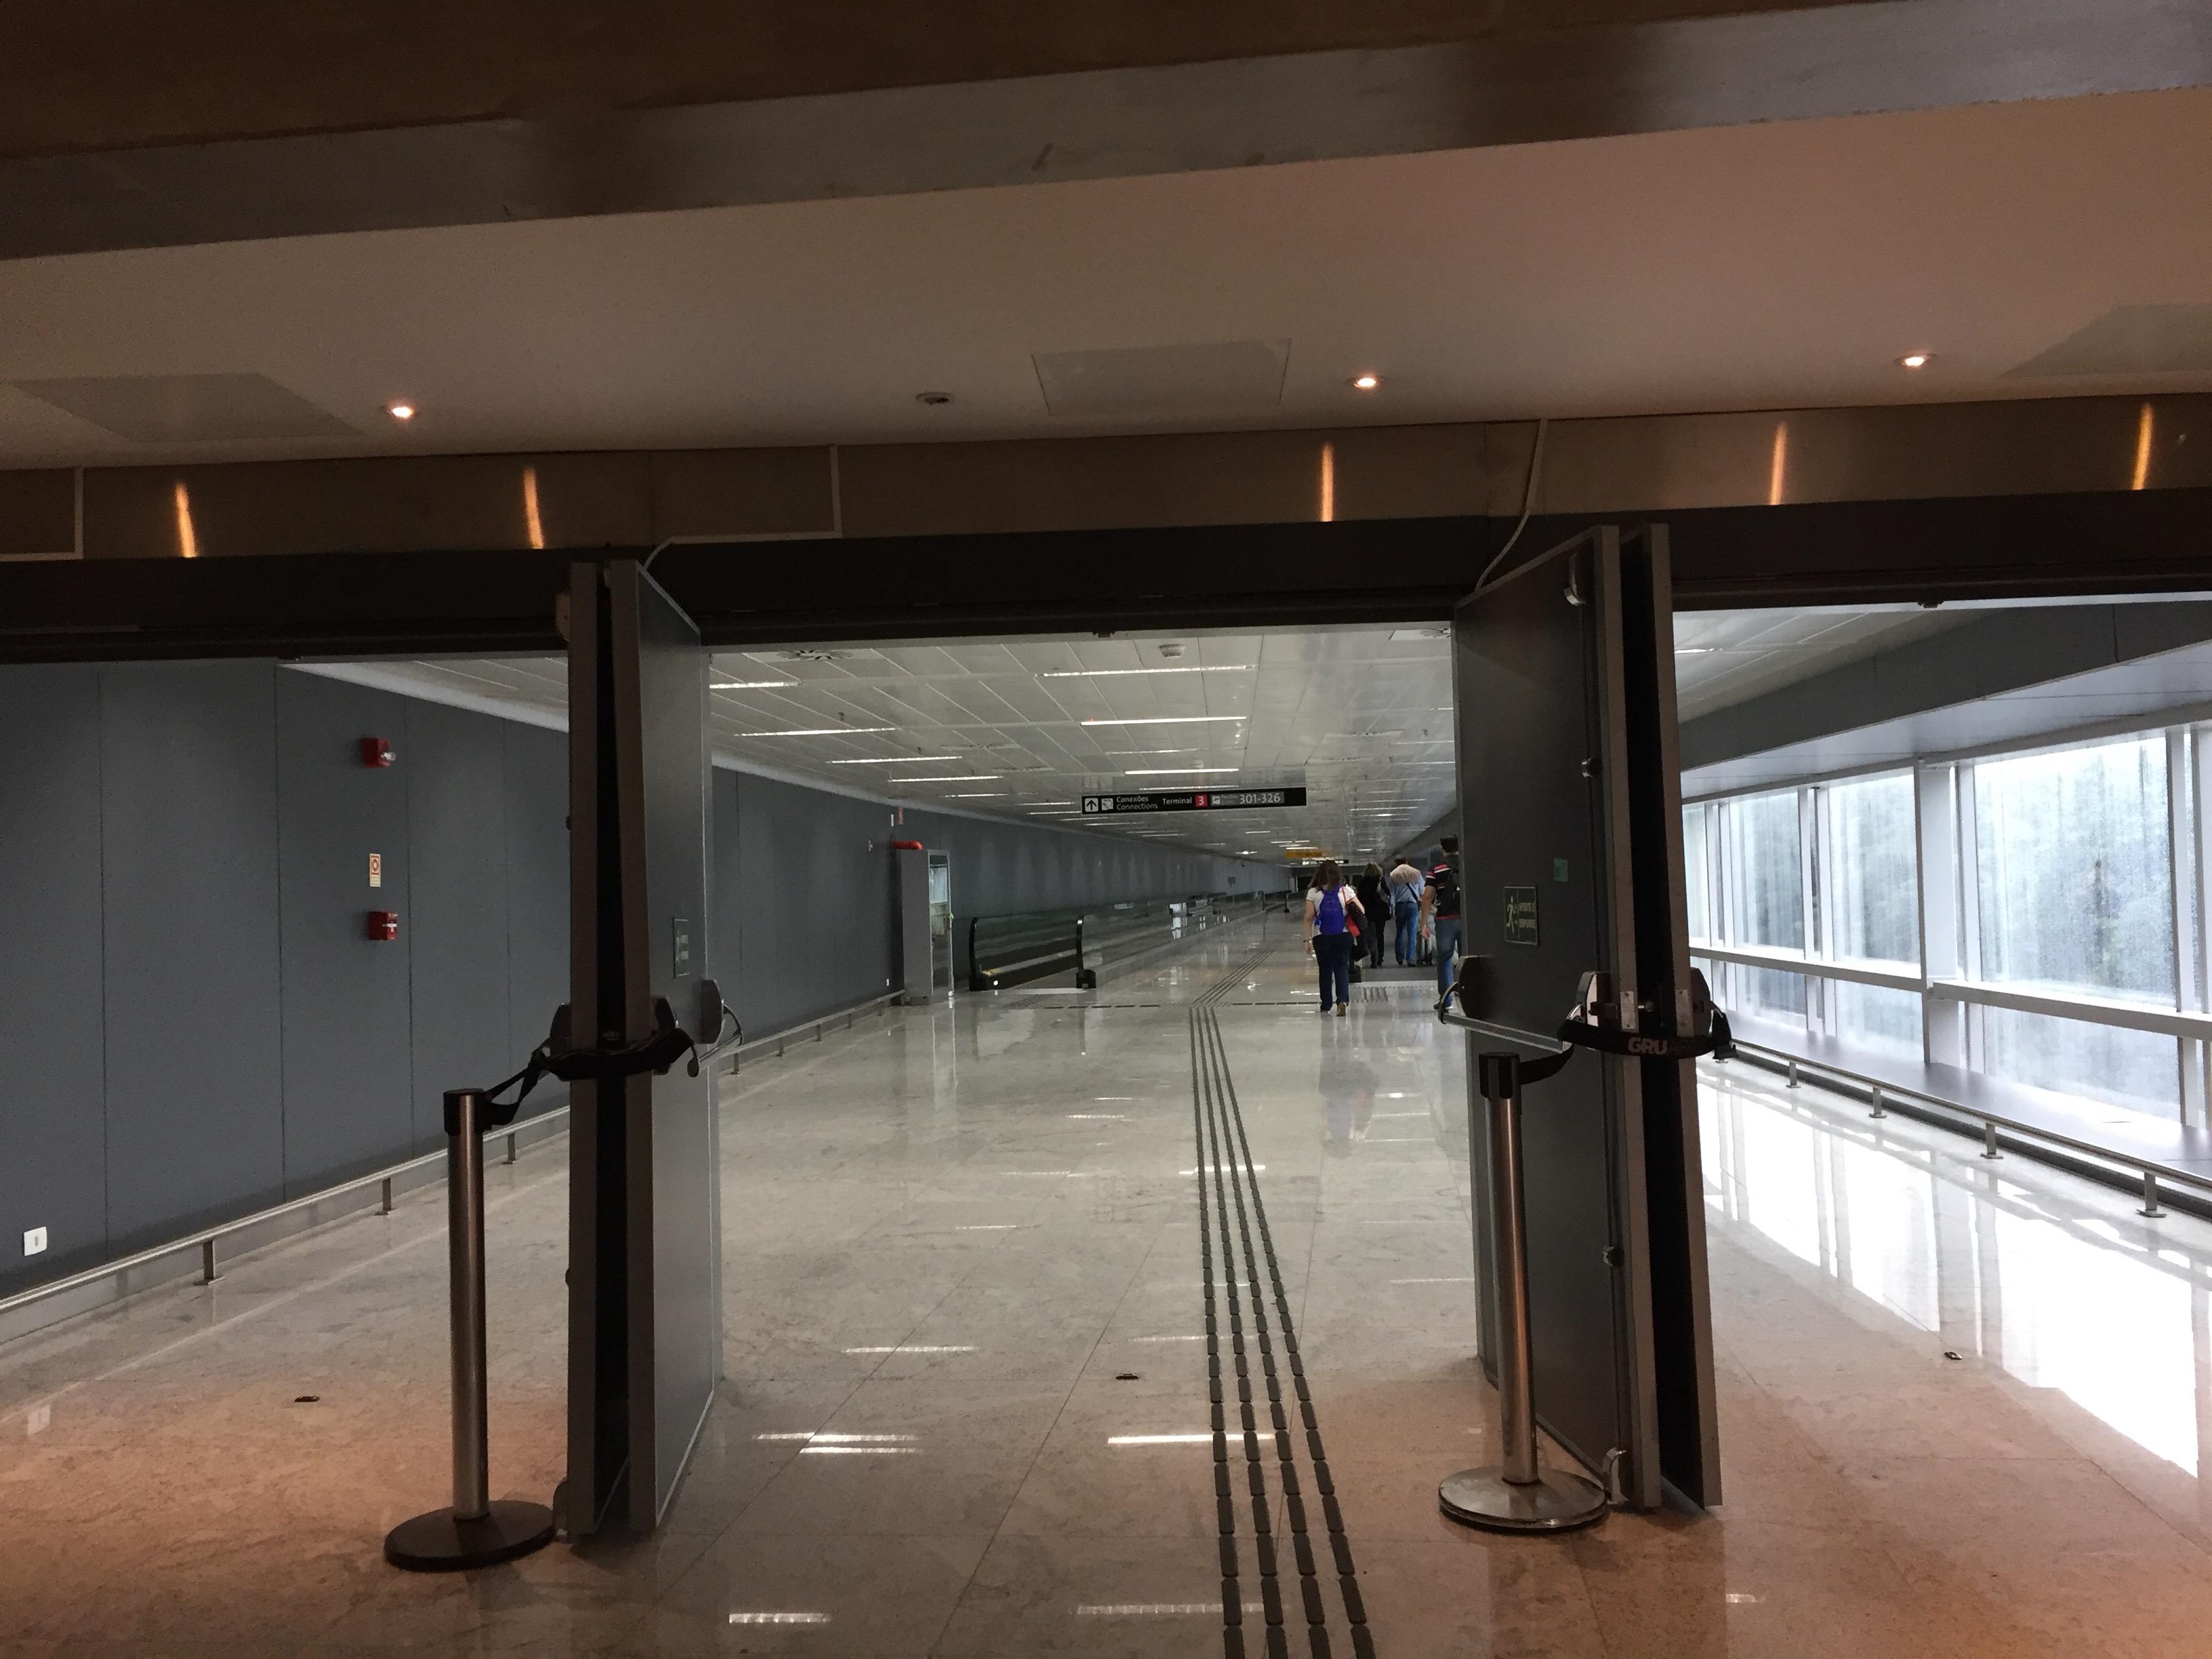 img 9599 - Cambio de Terminales en Guarulhos (San Pablo) para los vuelos regionales y sus caóticas consecuencias